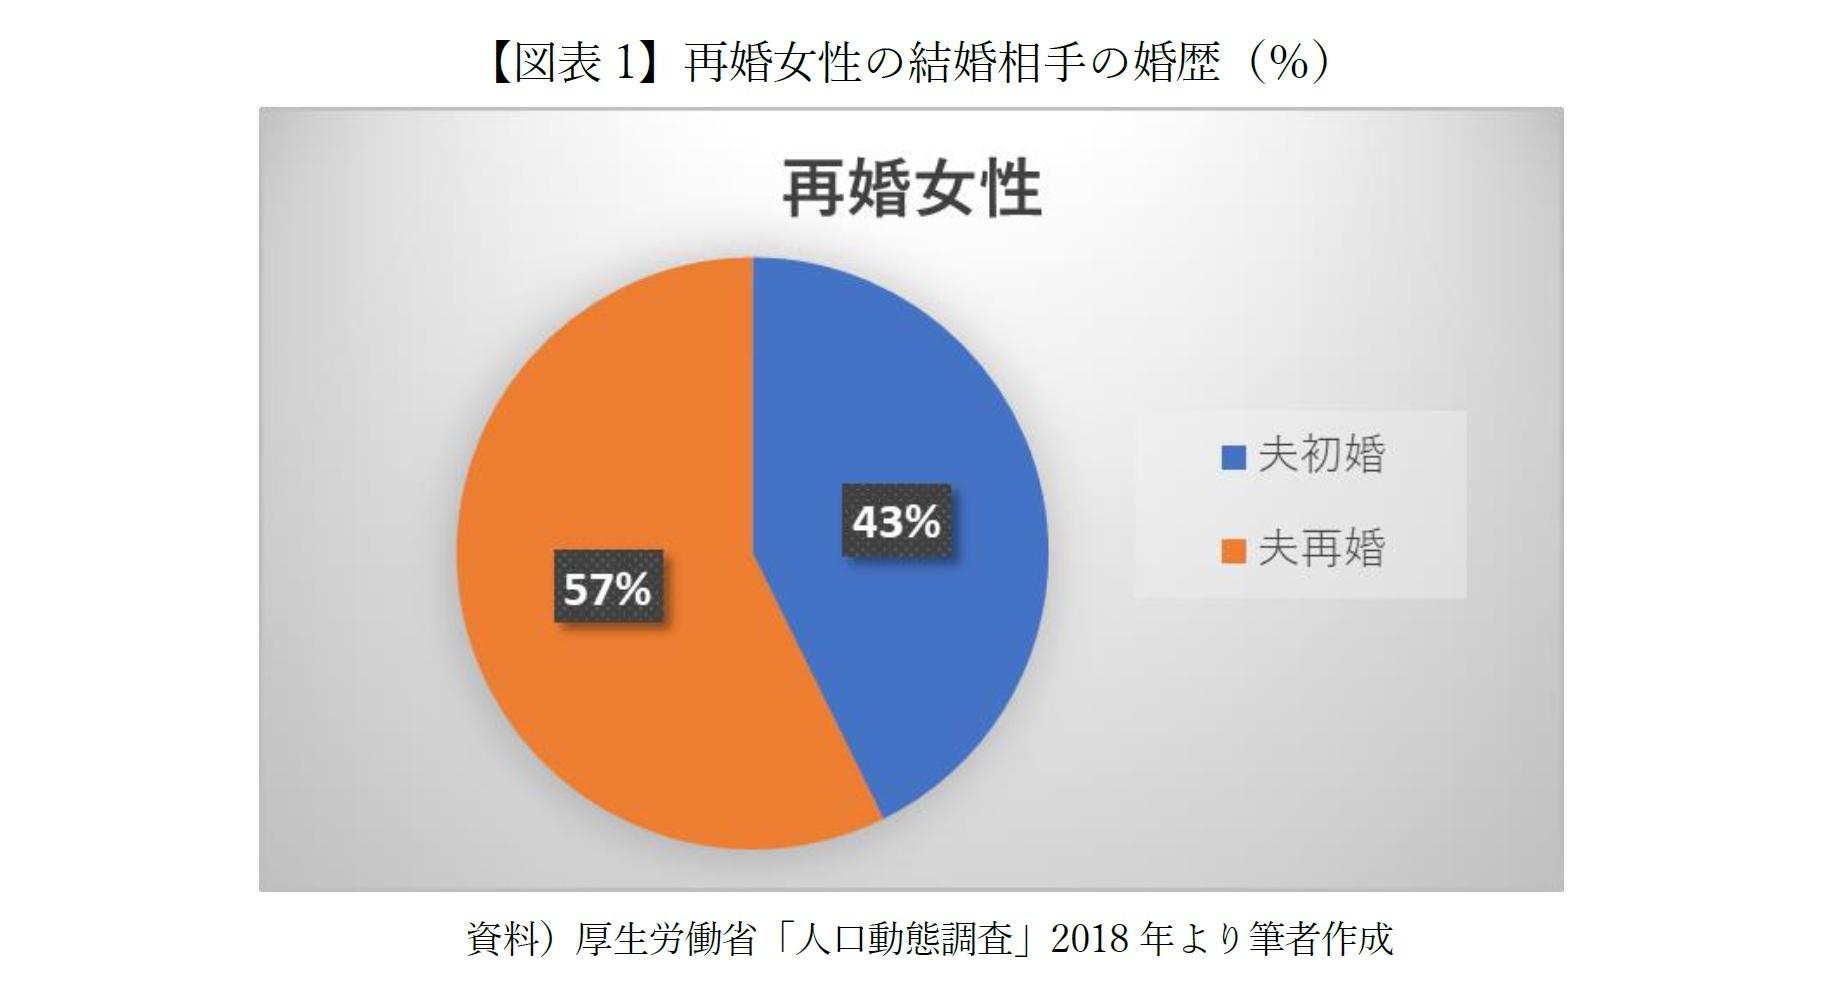 【図表1】再婚女性の結婚相手の婚歴(%)